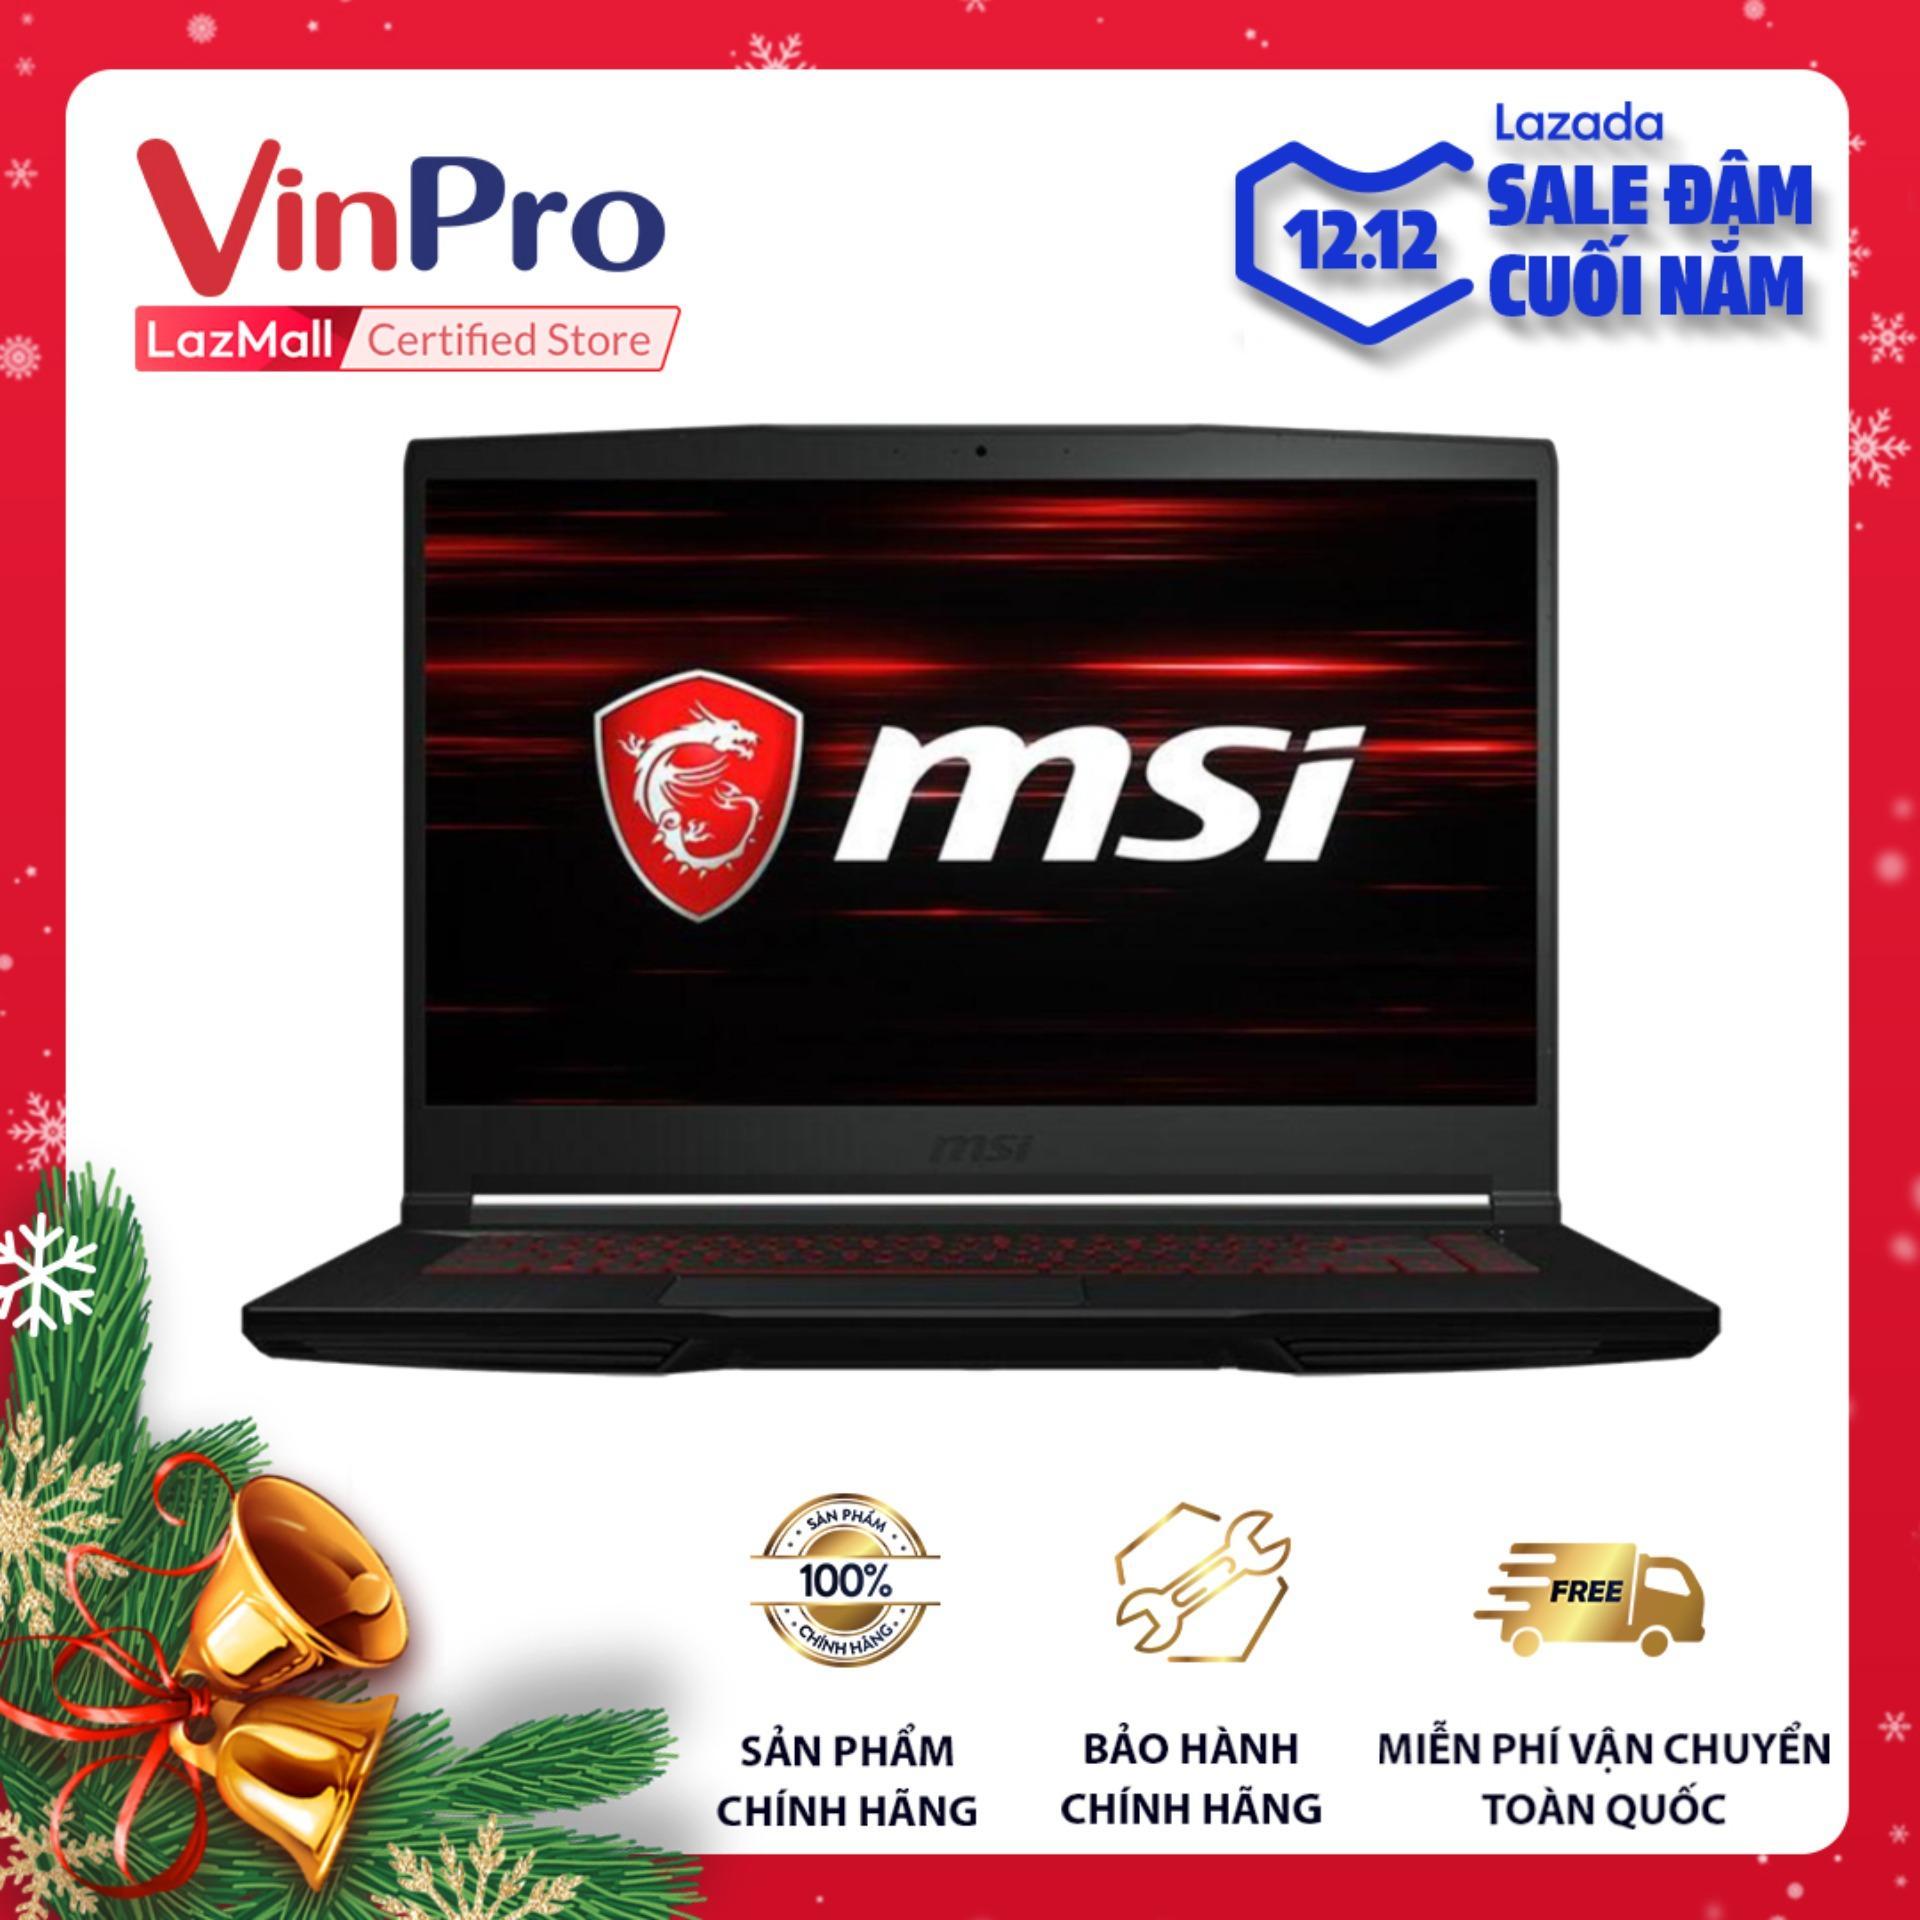 Deal Ưu Đãi Laptop MSI GF63 Thin 9RCX/ 646VN - Hàng Chính Hãng - Core I5-9300H, GTX 1050Ti 4GB, RAM 8GB, SSD 512GB, 15.6 Inch IPS